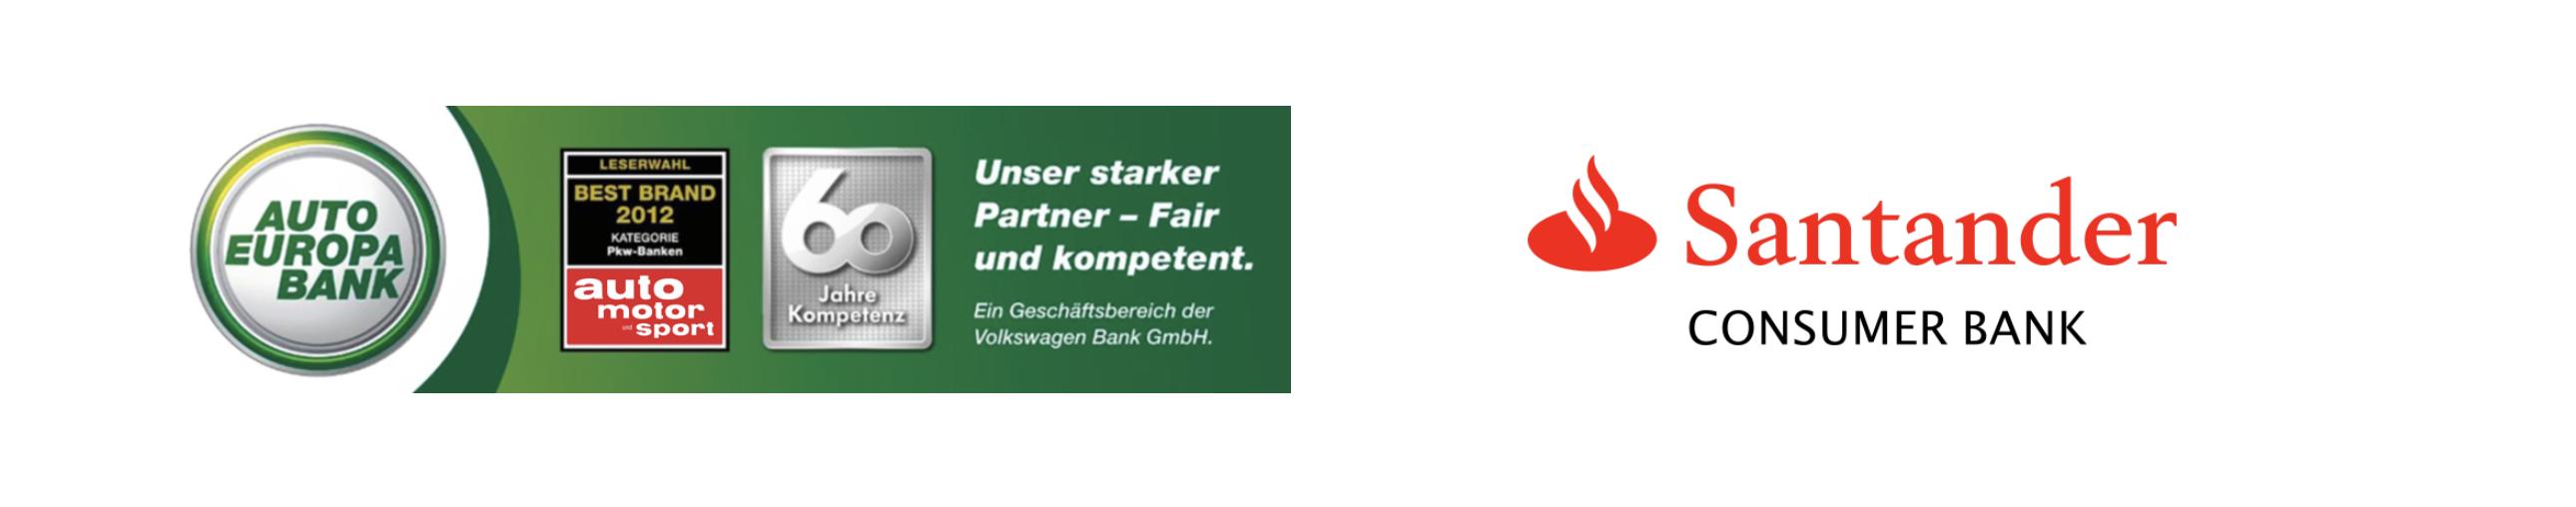 Auto Europa Bank und Santander Bank